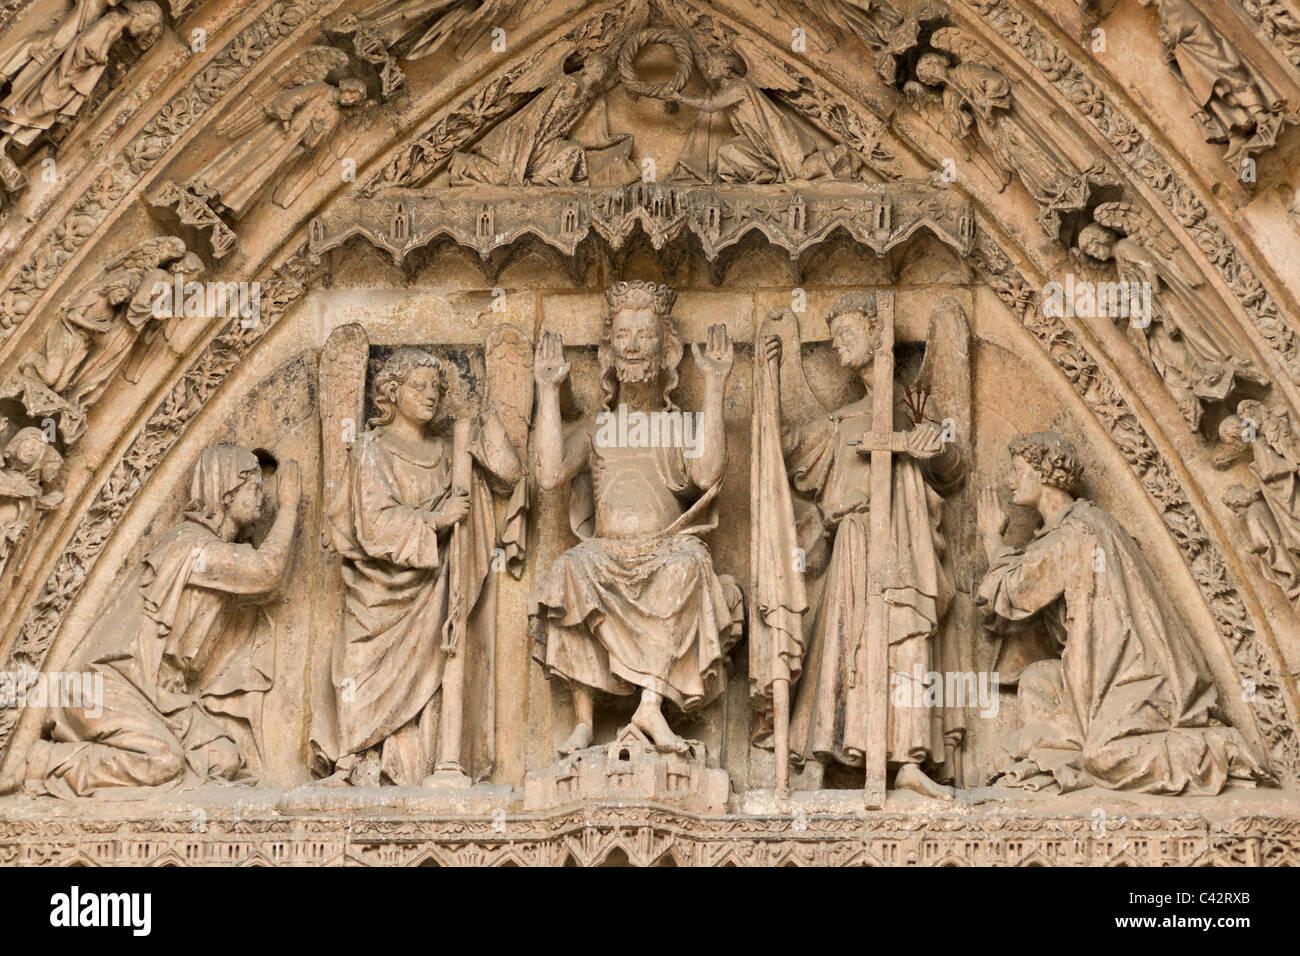 Tympanum of Pórtico de Neustra Señora La Blanca of Cathedral of Santa María de León. León, - Stock Image